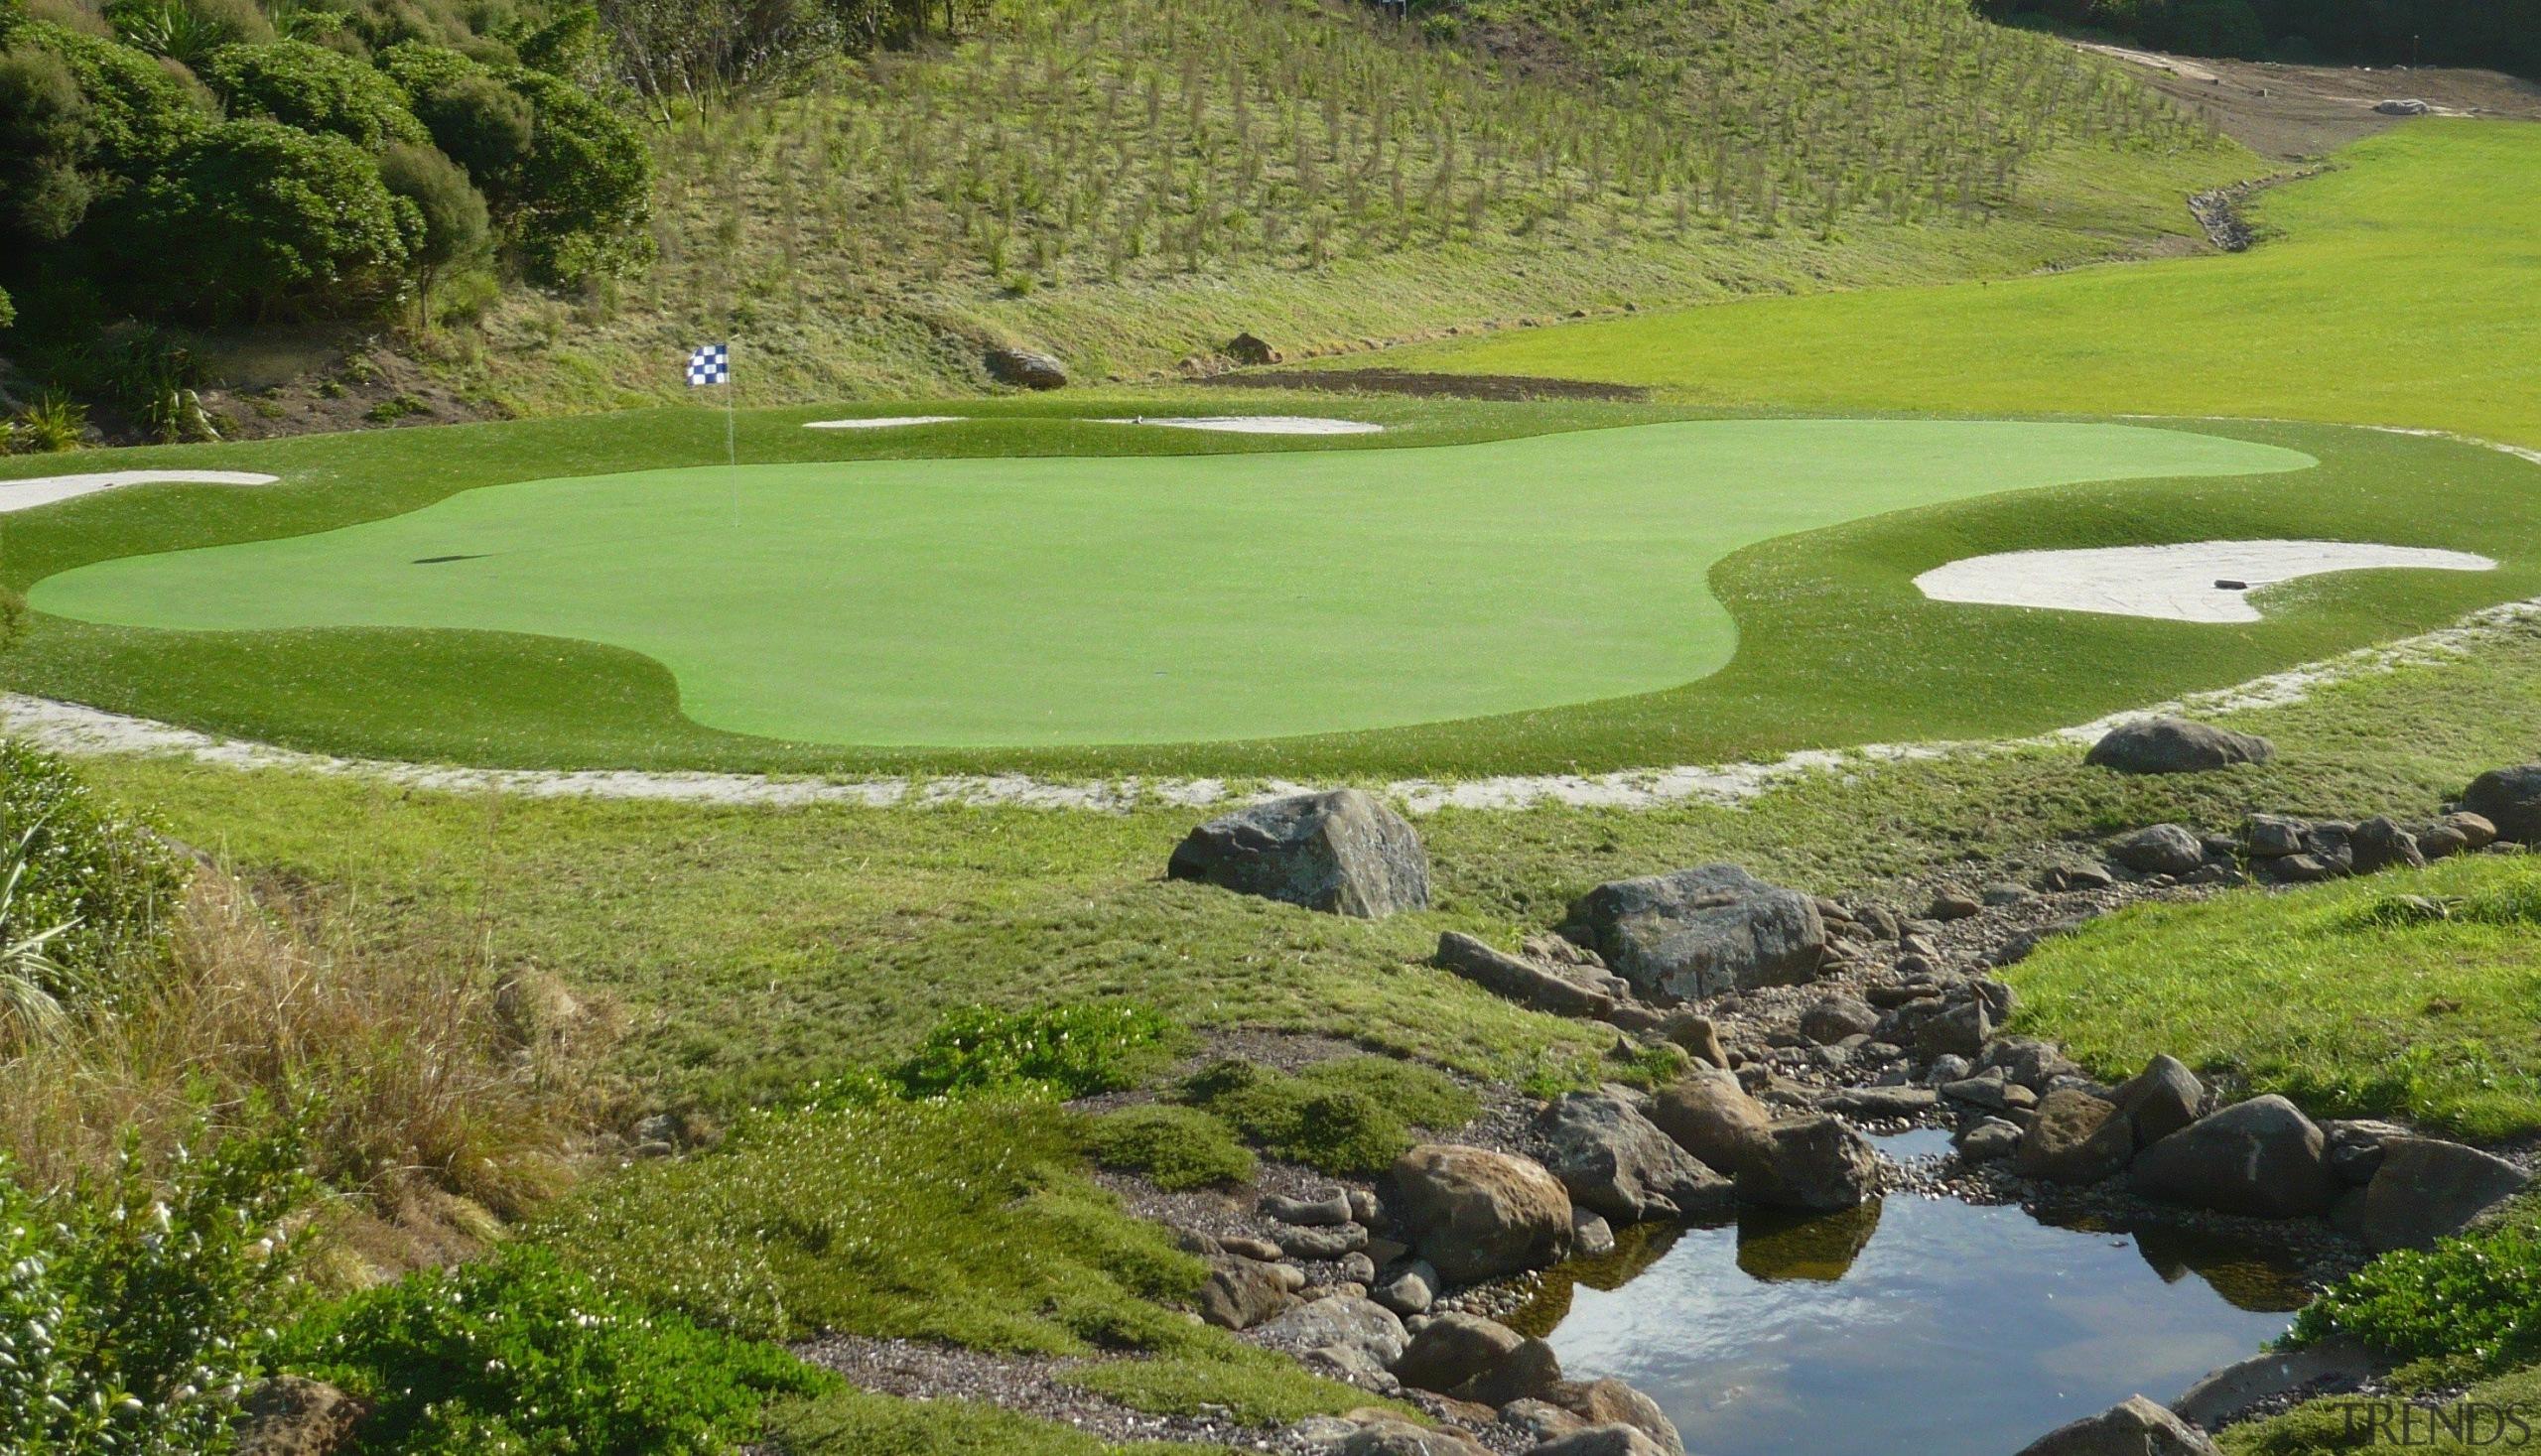 Sport - golf club | golf course | golf club, golf course, grass, grassland, landscape, water resources, brown, green